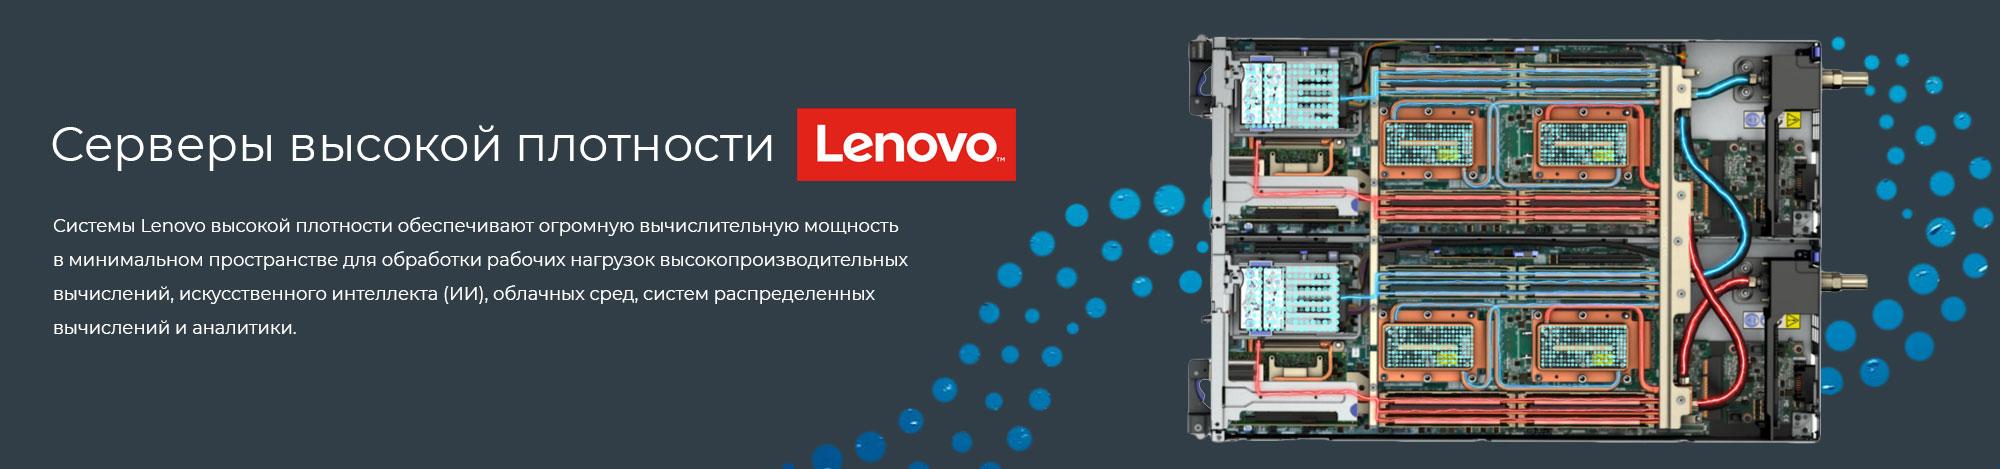 Серверы-высокой-плотности-Lenovo